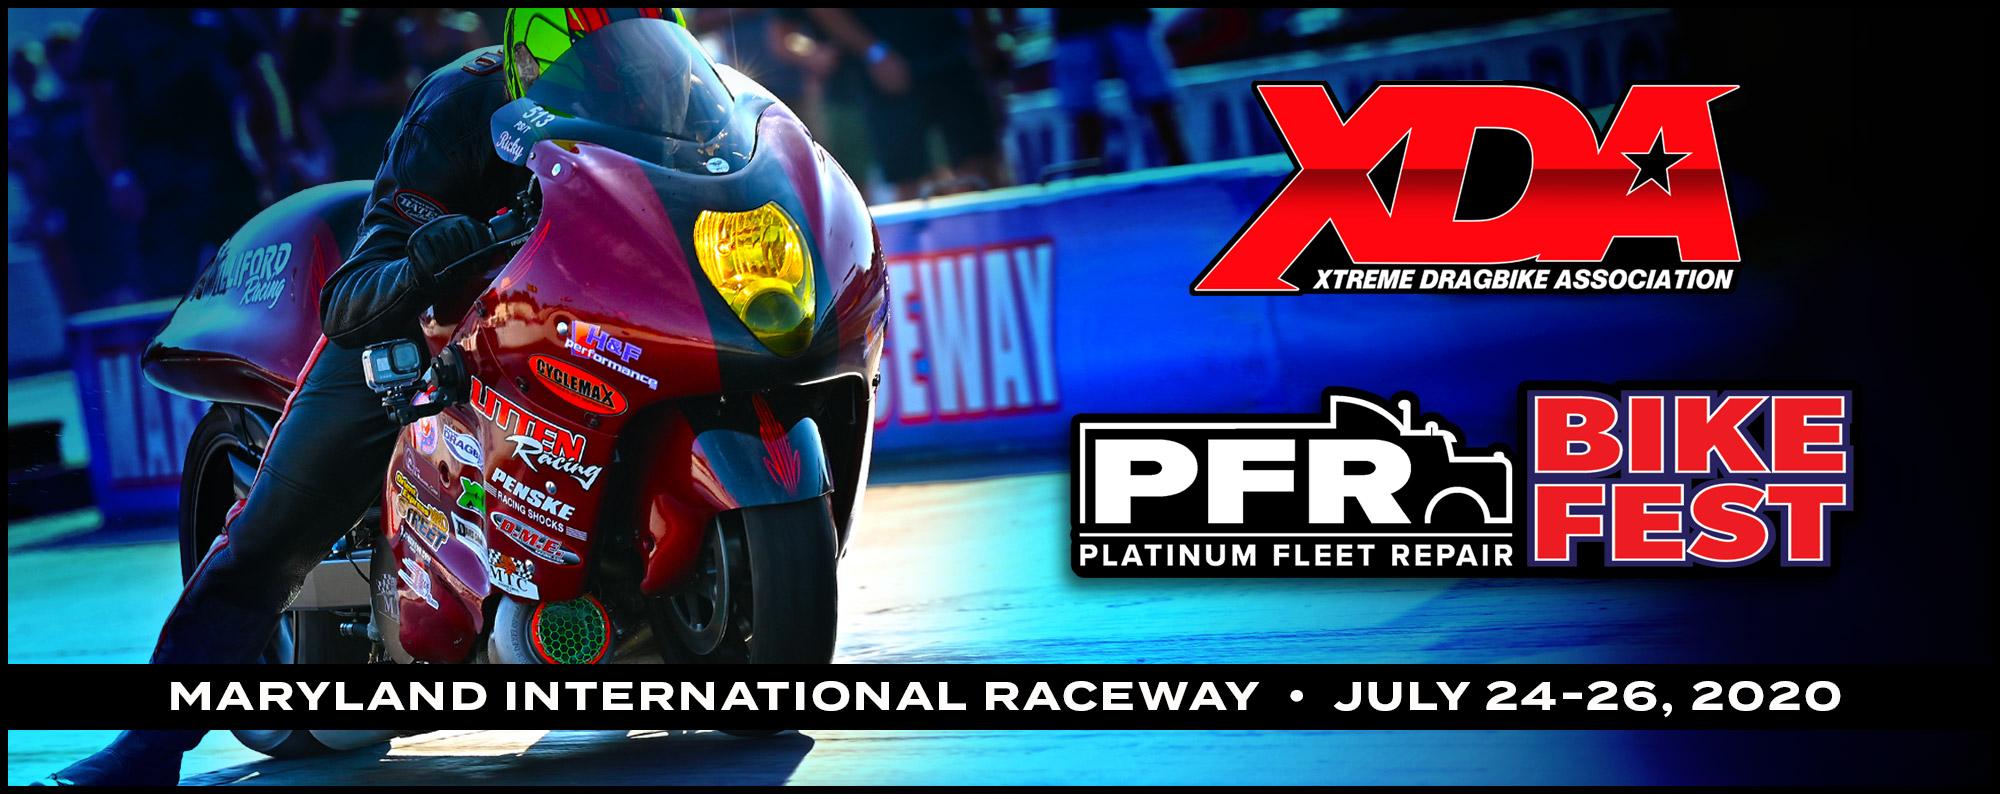 2020 XDA Bike Fest